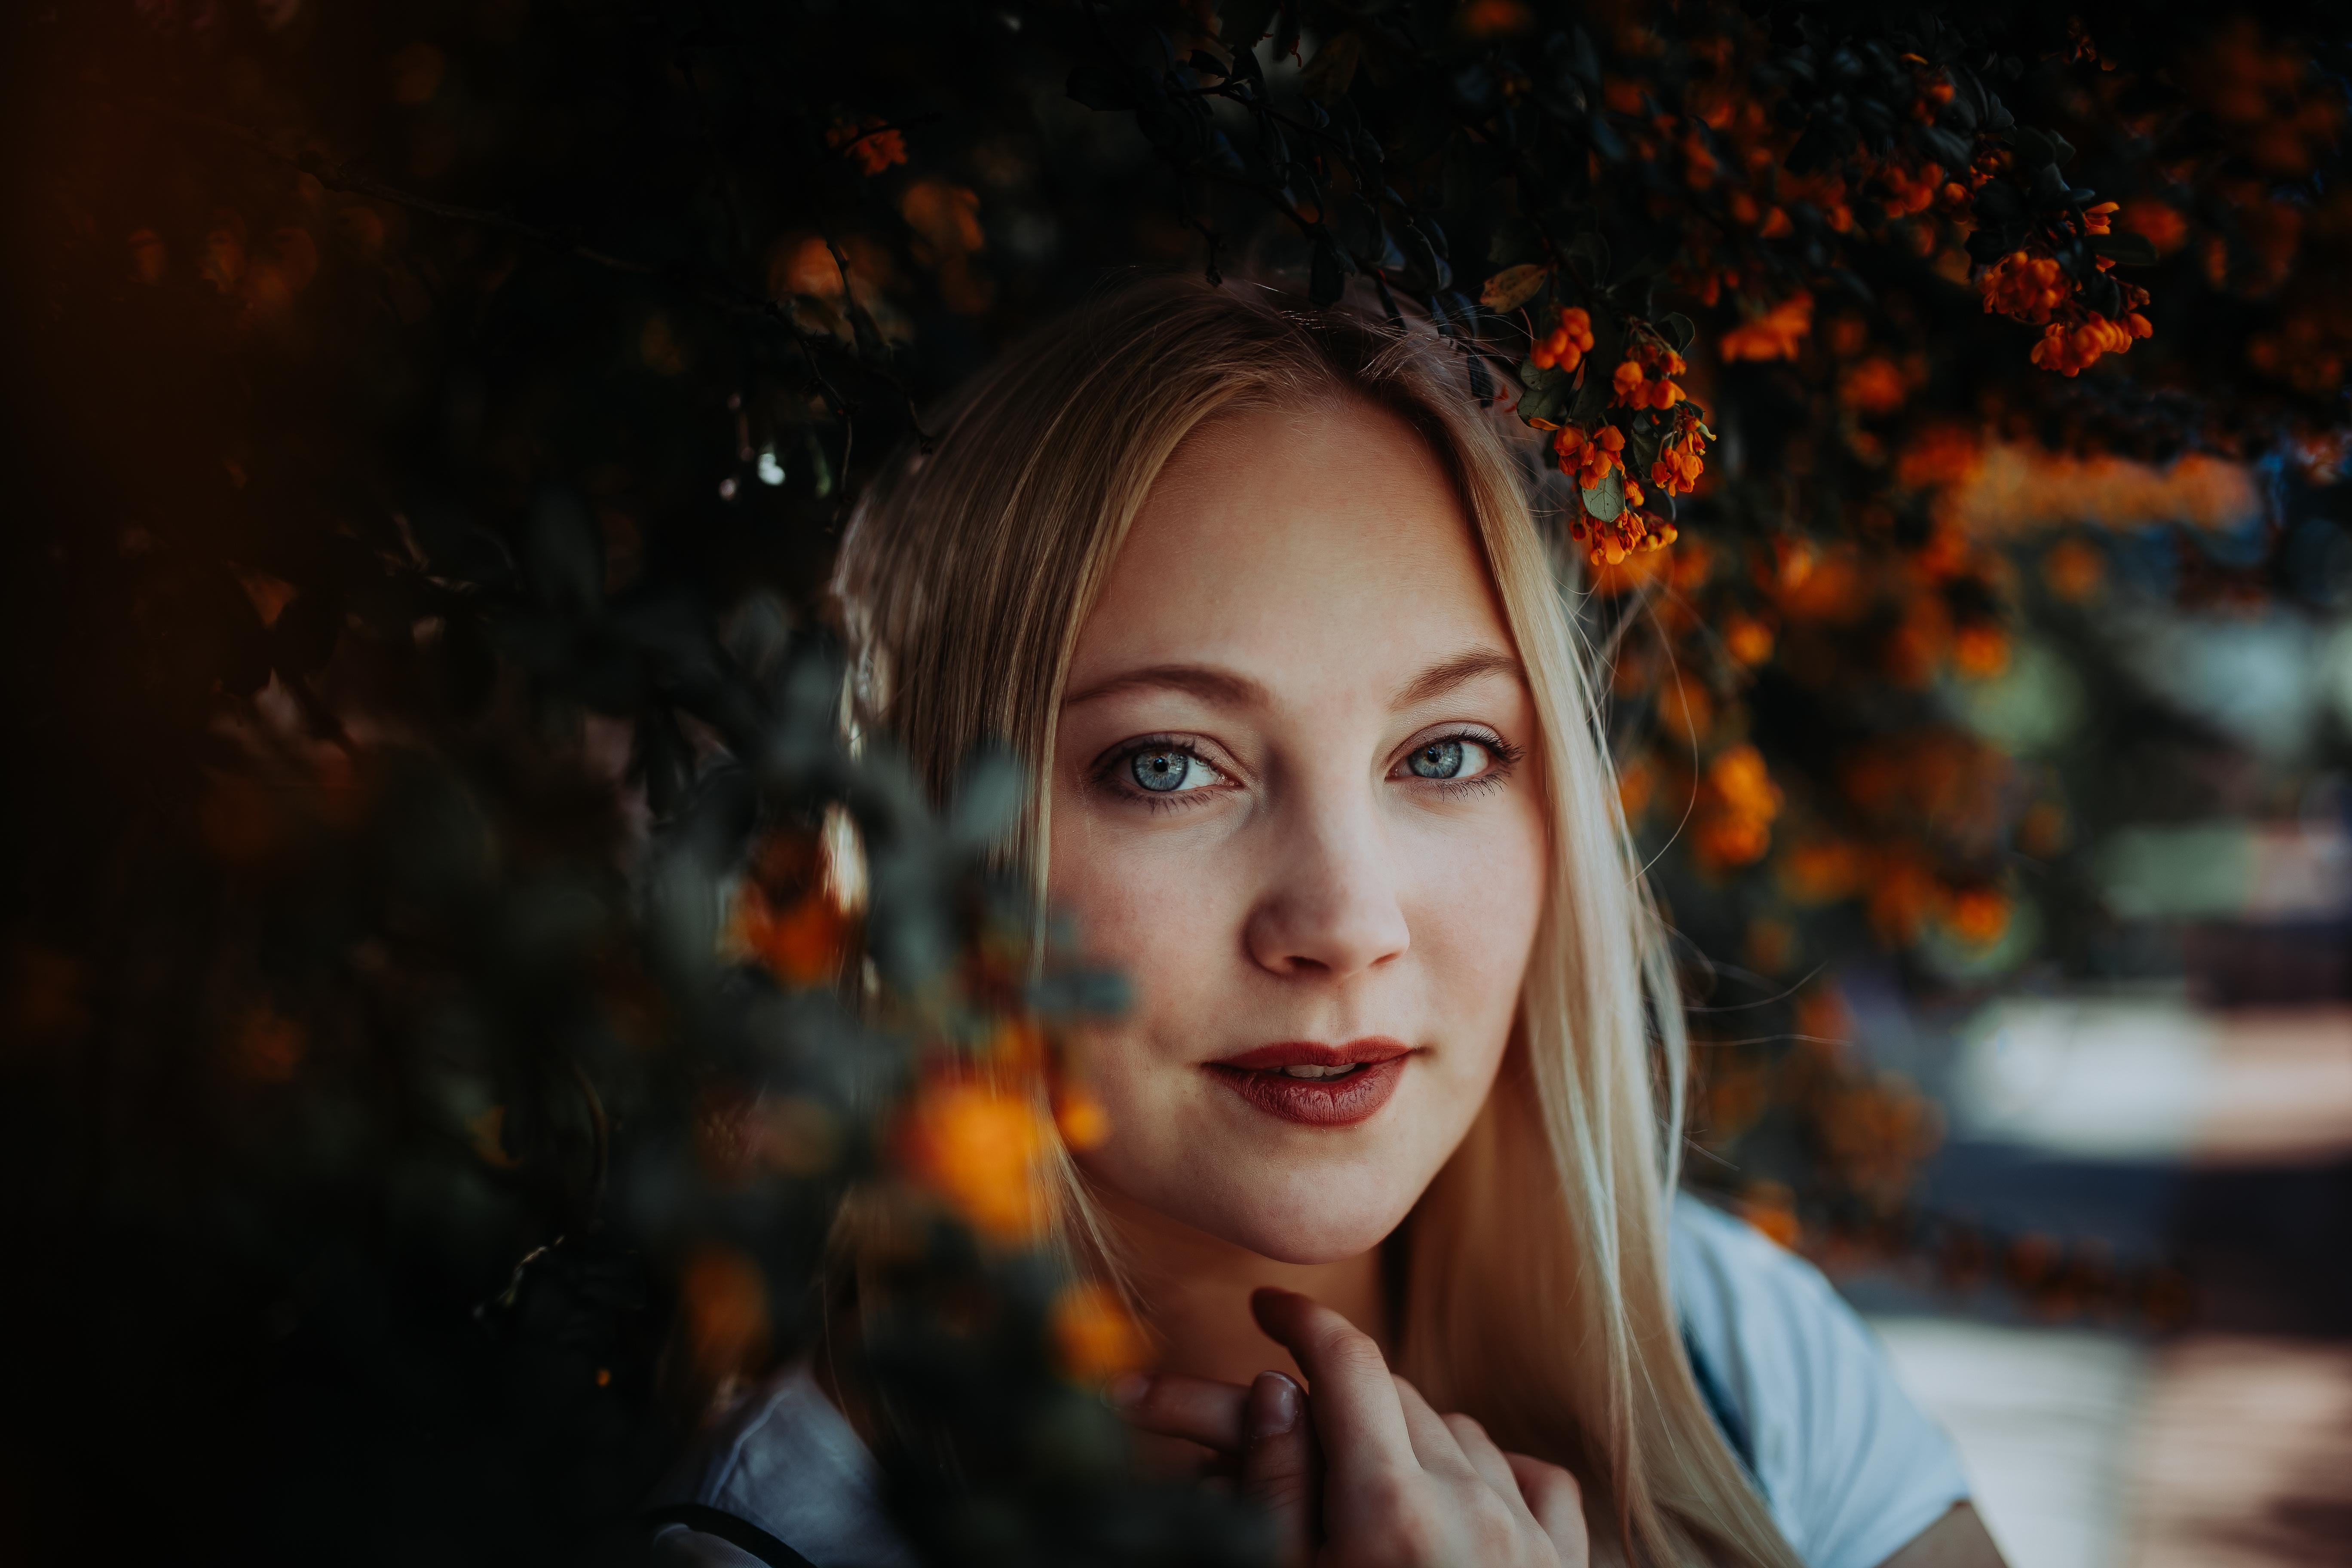 Moa by Natalia